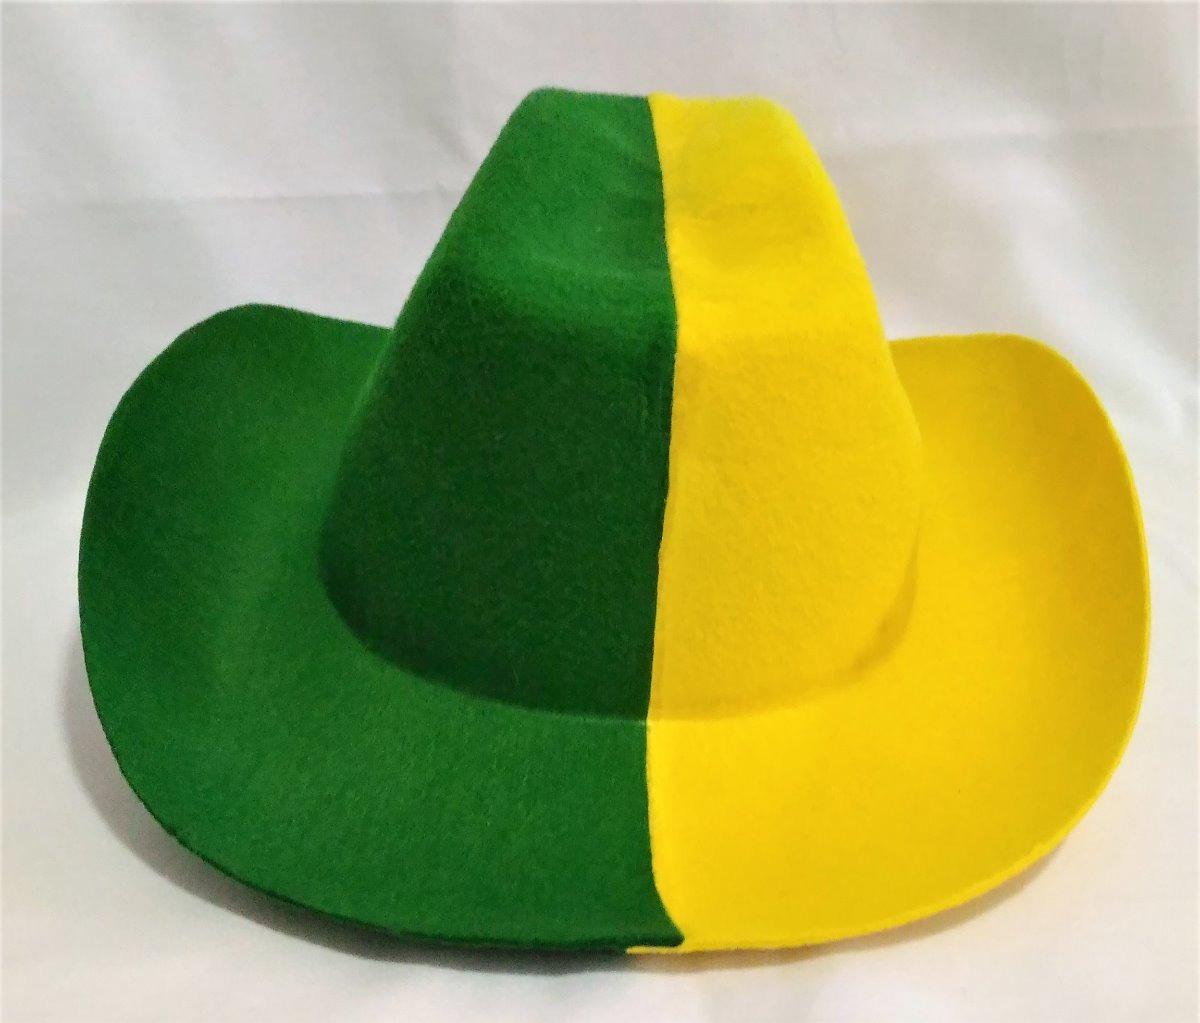 3ea742dadf0d6 chapéu feltro cowboy verde amarelo jogo brasil copa torcida. Carregando  zoom.